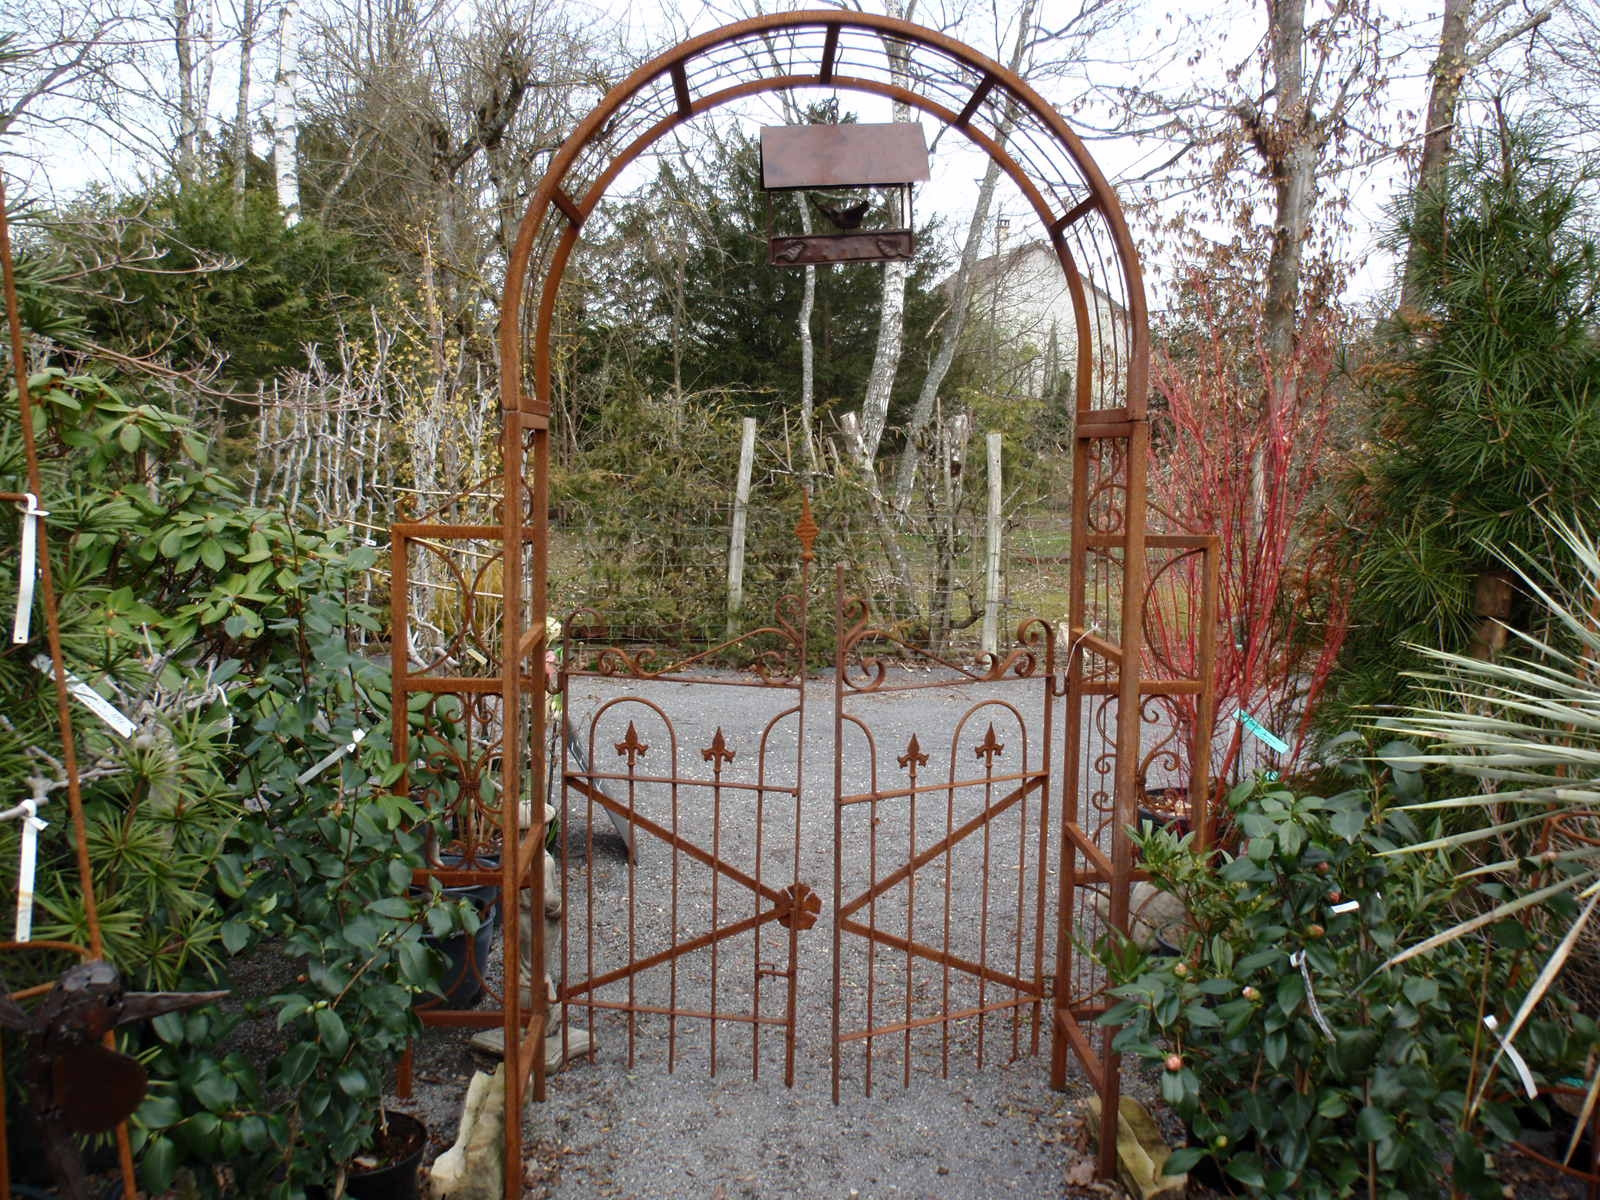 Regard Leroy Merlin Luxe Photos Arche De Jardin Leroy Merlin Aussi Regard solennel Salon De Jardin